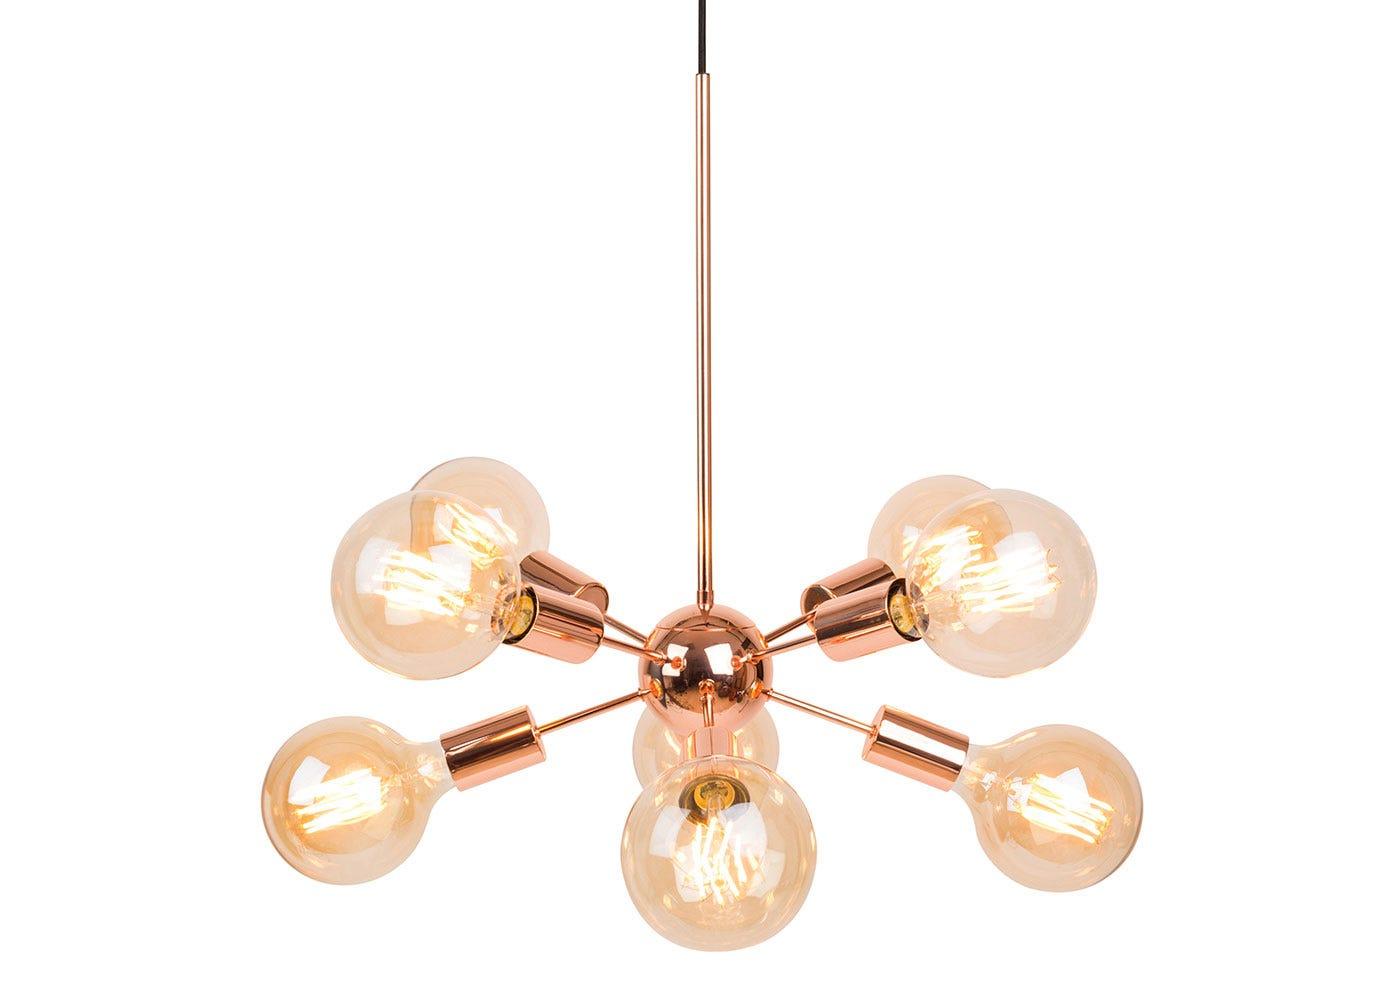 As shown: Copper Mega Junction 8 light with Elva Bulbs.